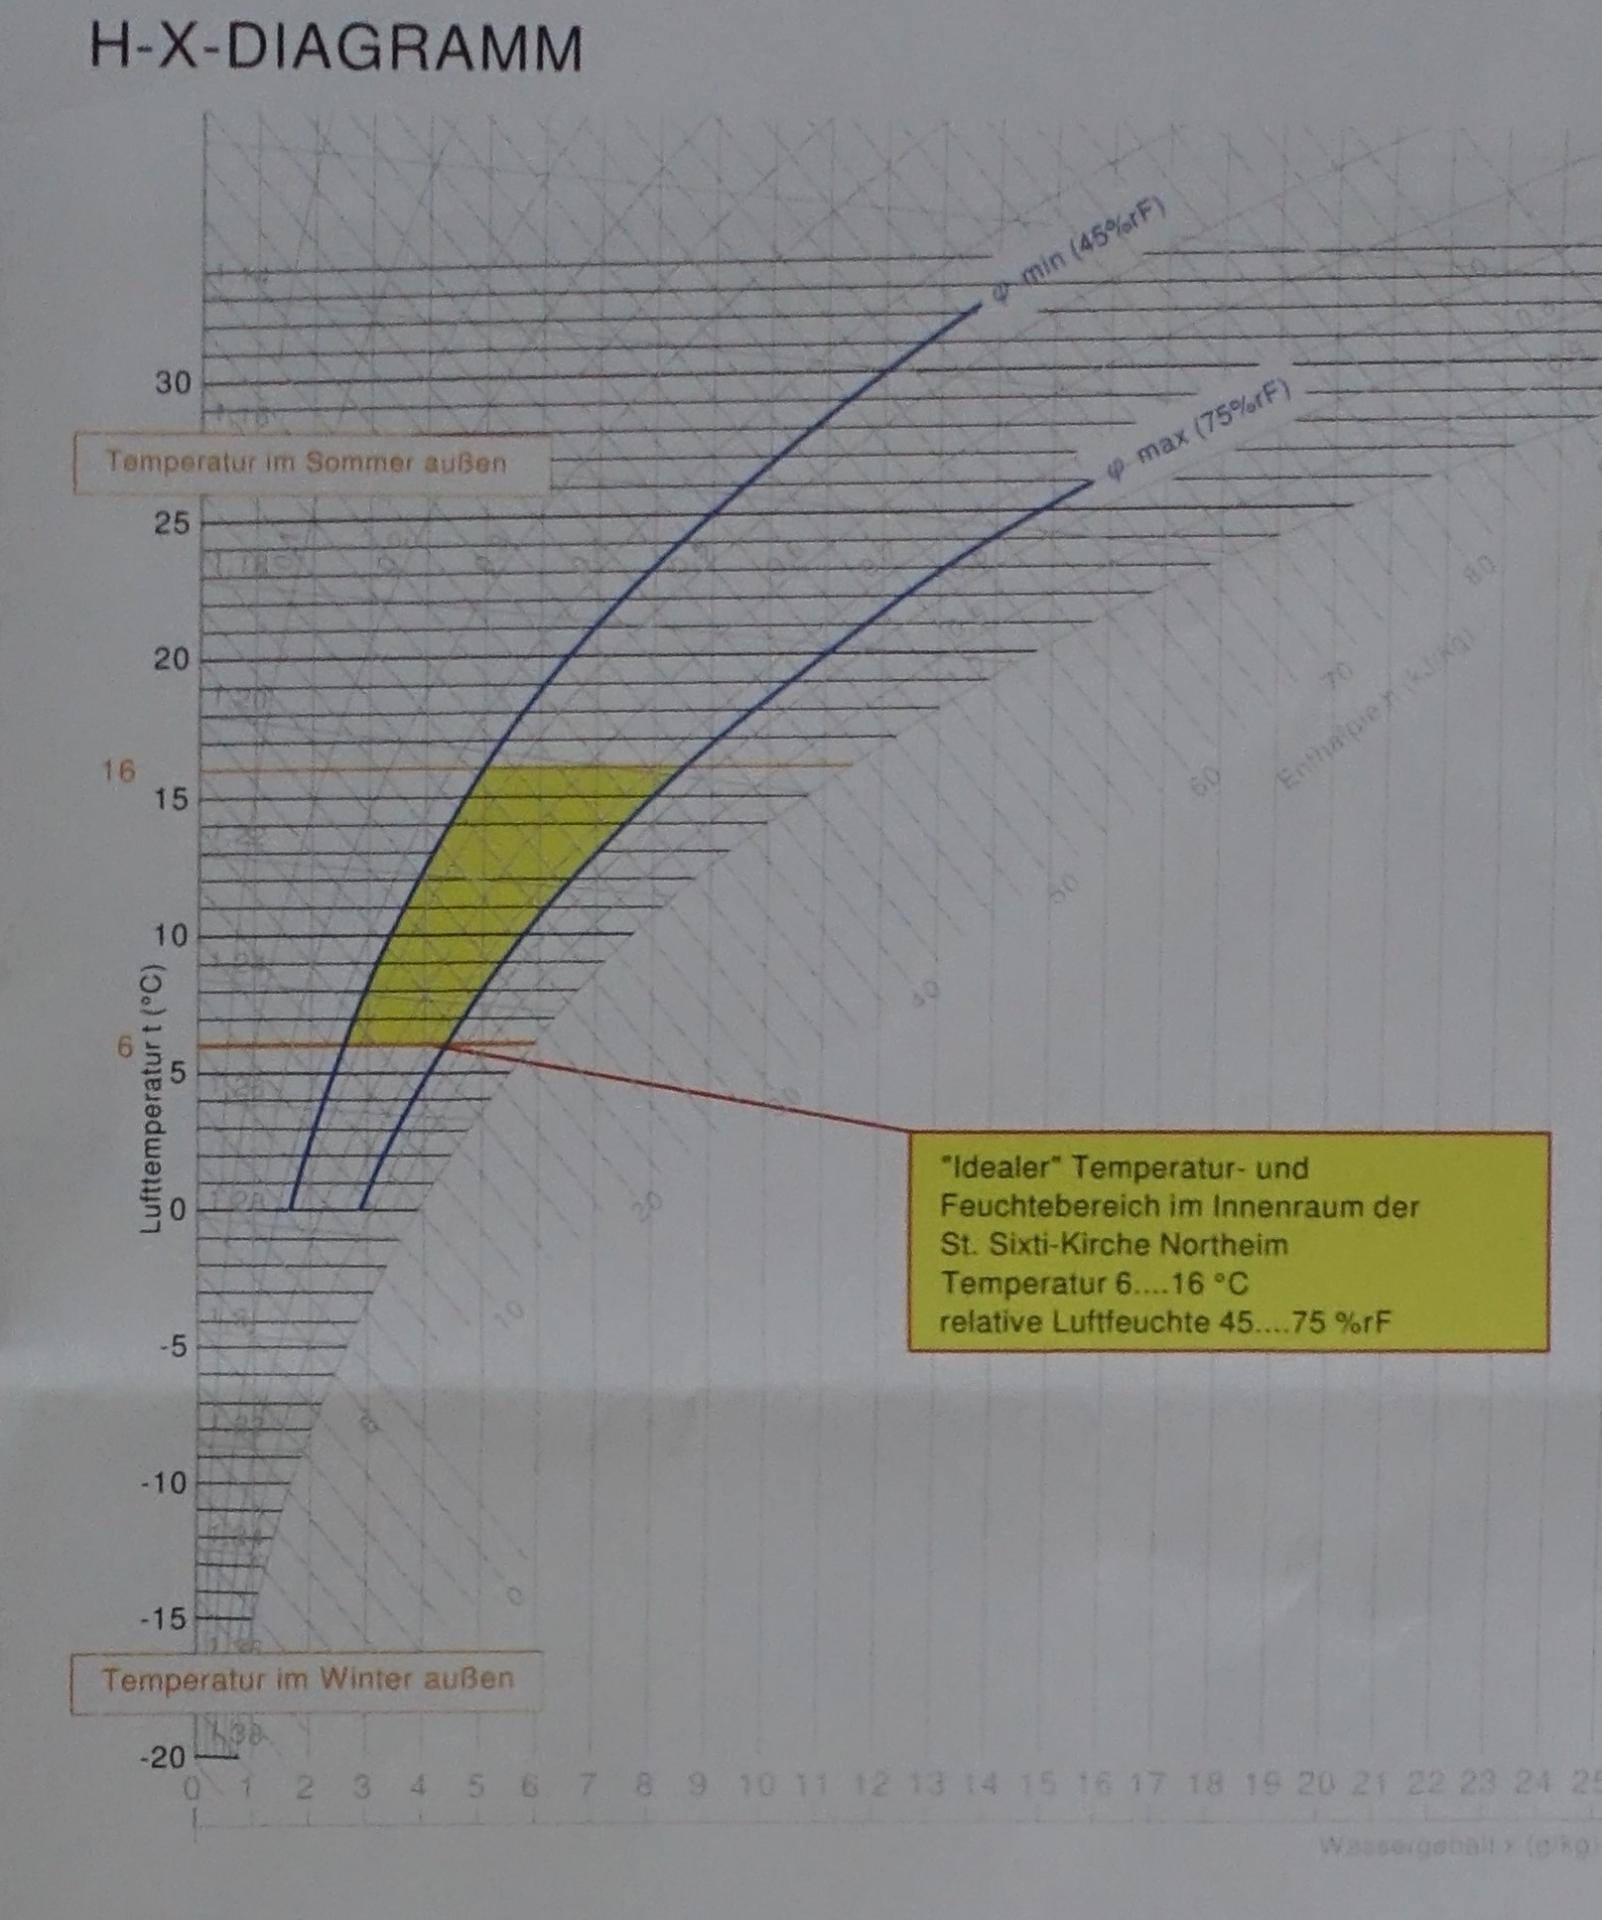 Bild 705 zeigt, wo Temperatur und Luftfeuchtigkeit zusammen treffen müssen, um Behaglichkeit zu erzeugen